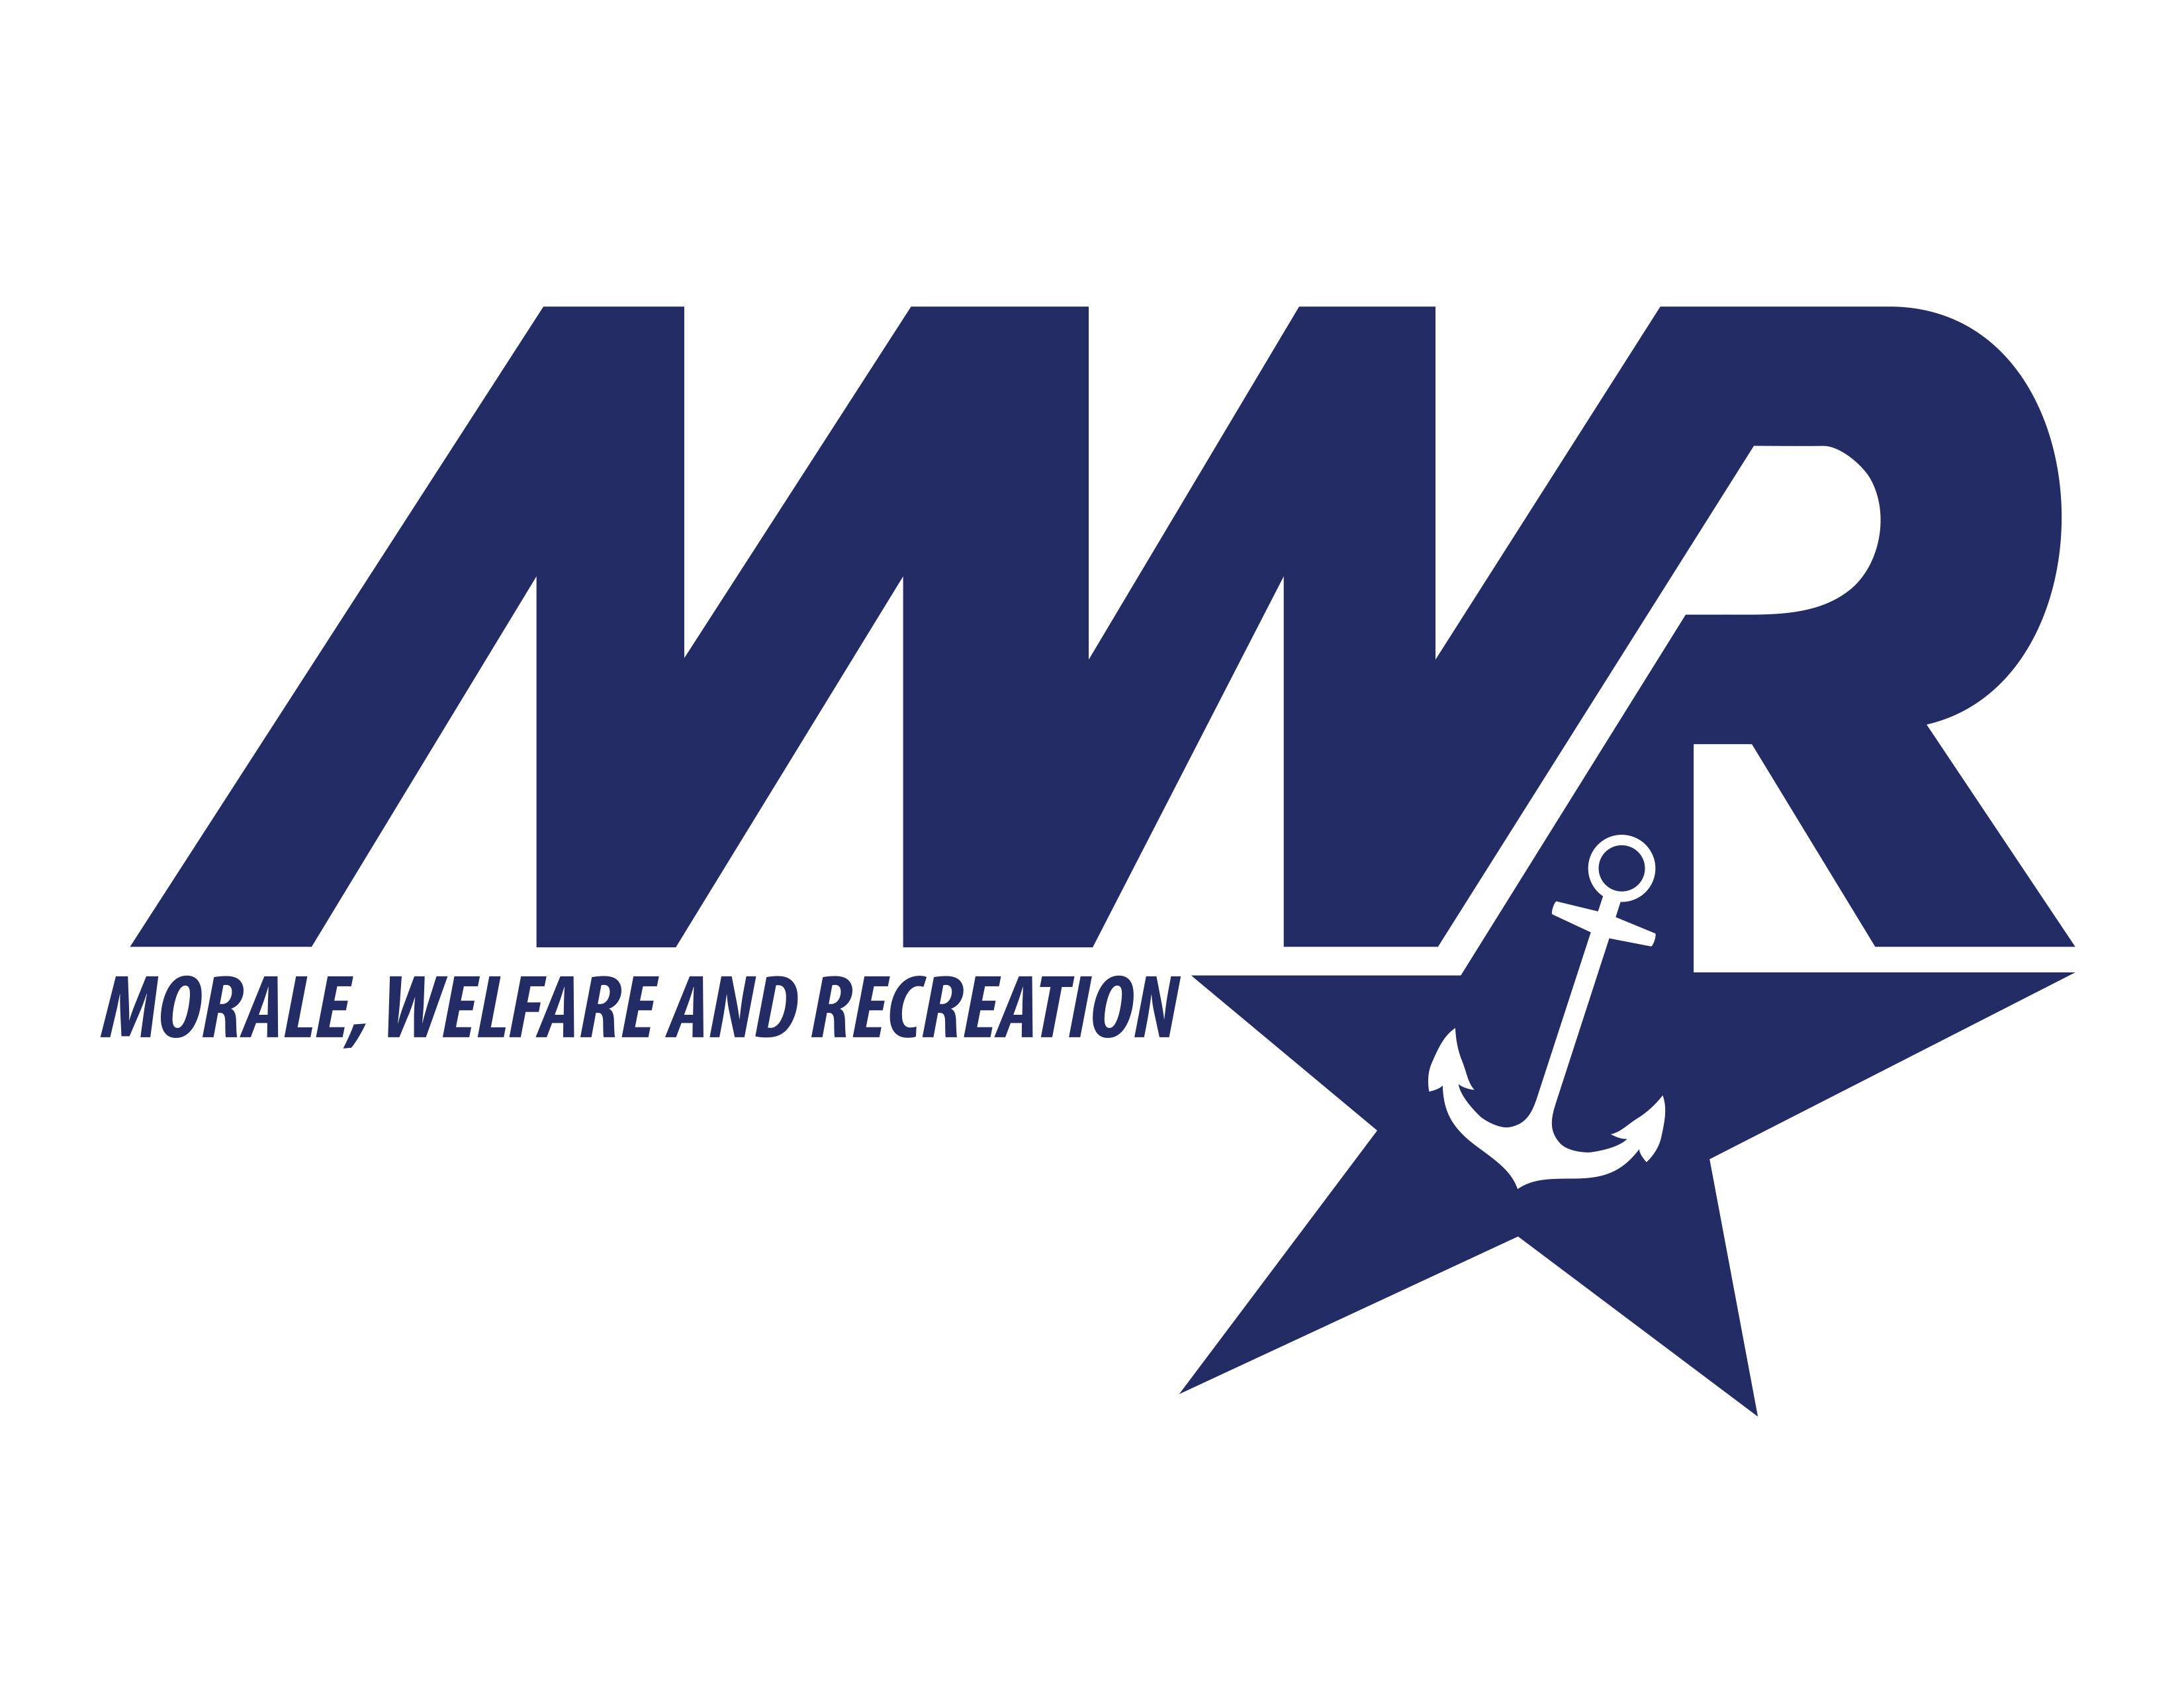 www.NavyMWRKingsBay.com